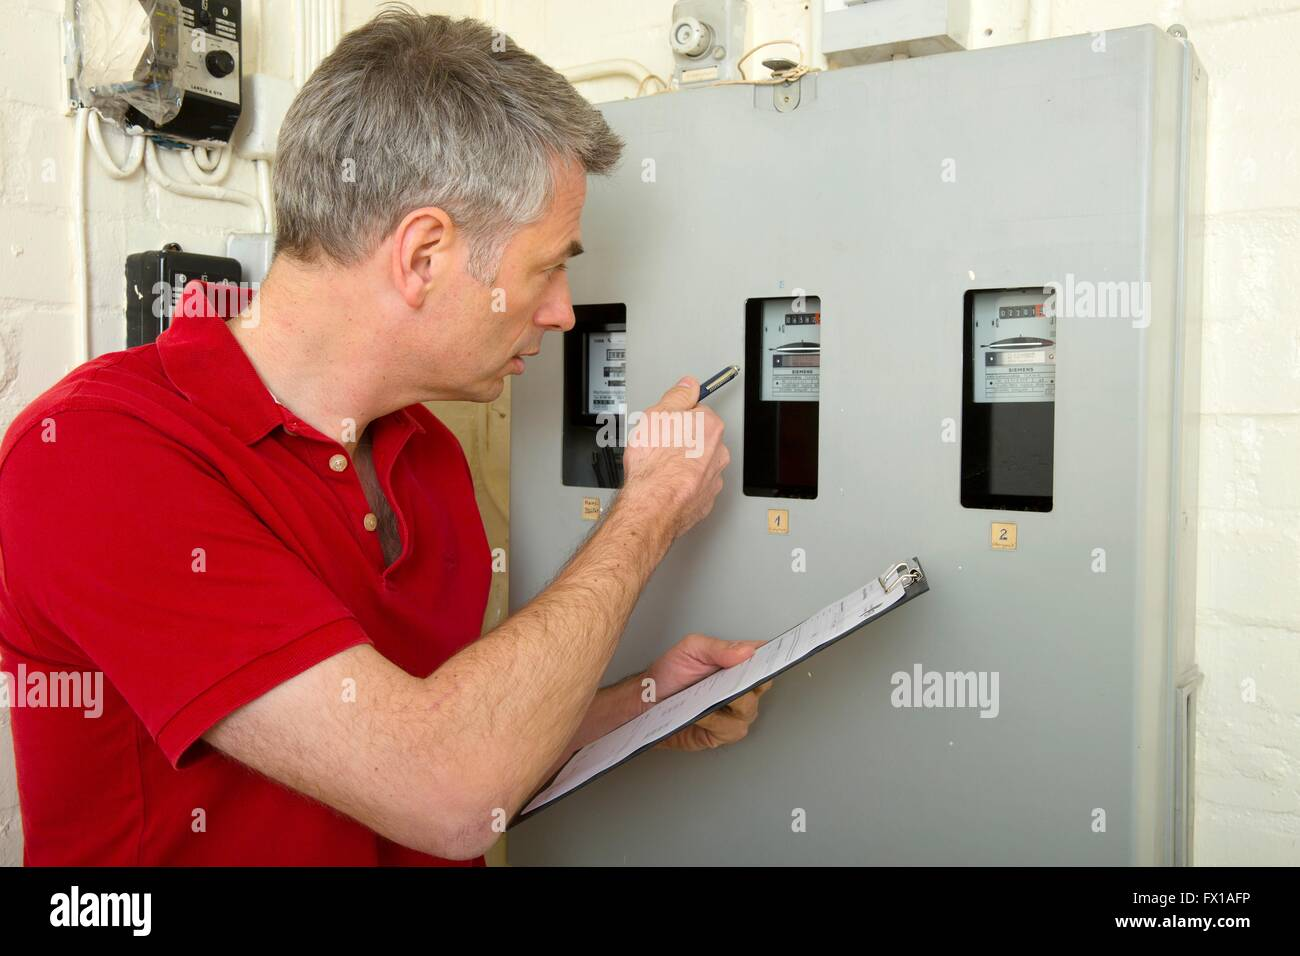 El hombre lee el consumo de energía Imagen De Stock